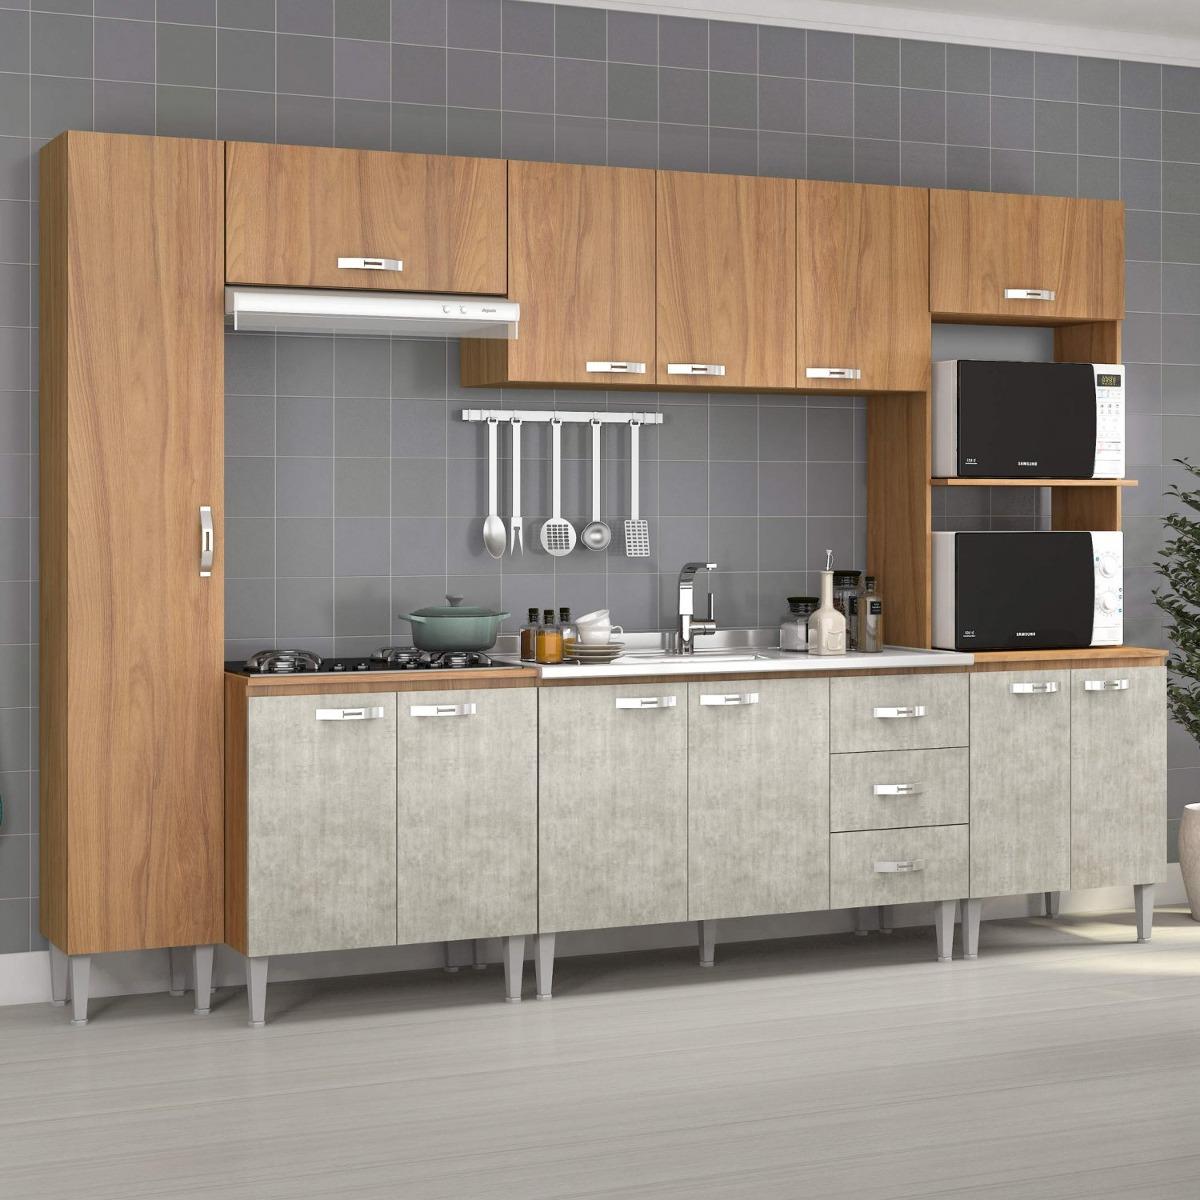 Cozinha Completa Com Balc O Sem Pia 6 Pe As 12 Hc R 1 119 90 Em